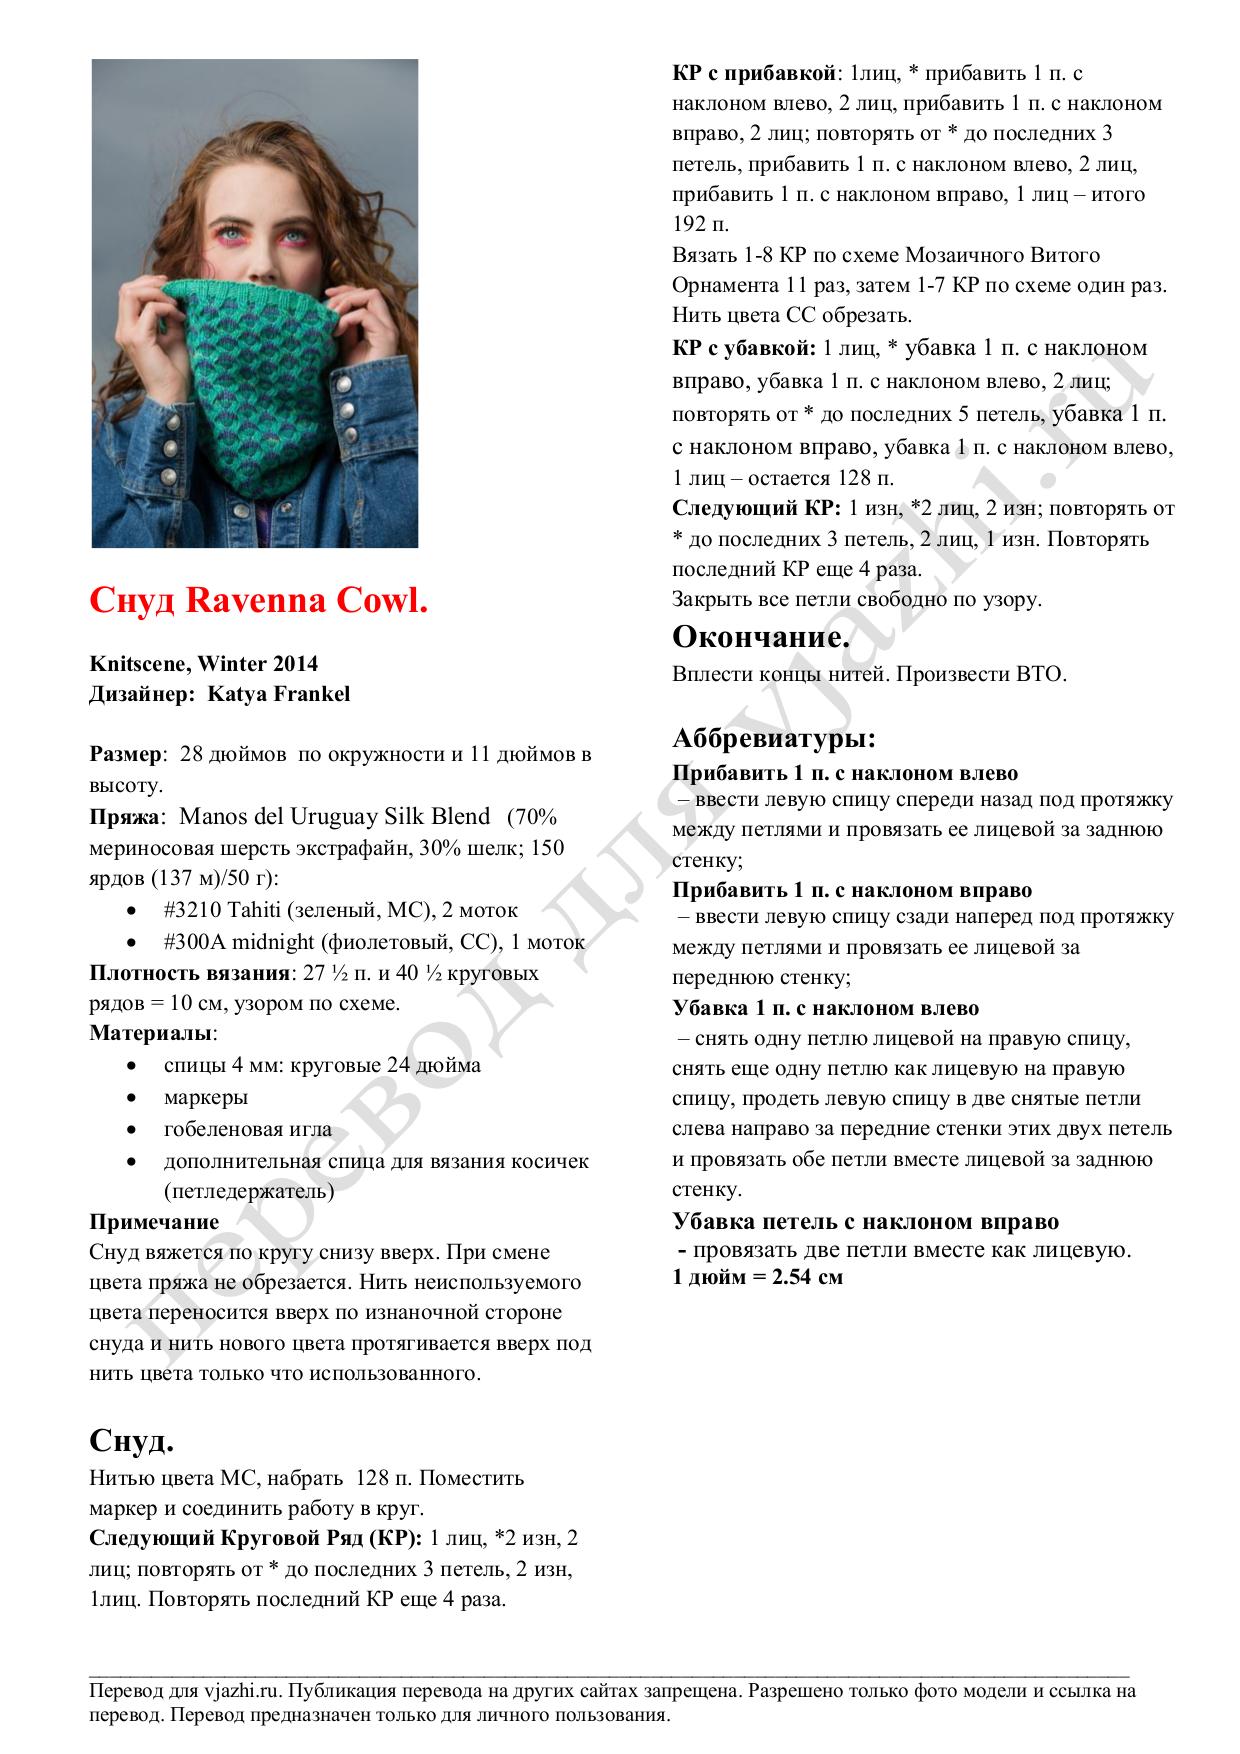 Схемы и их перевод фото